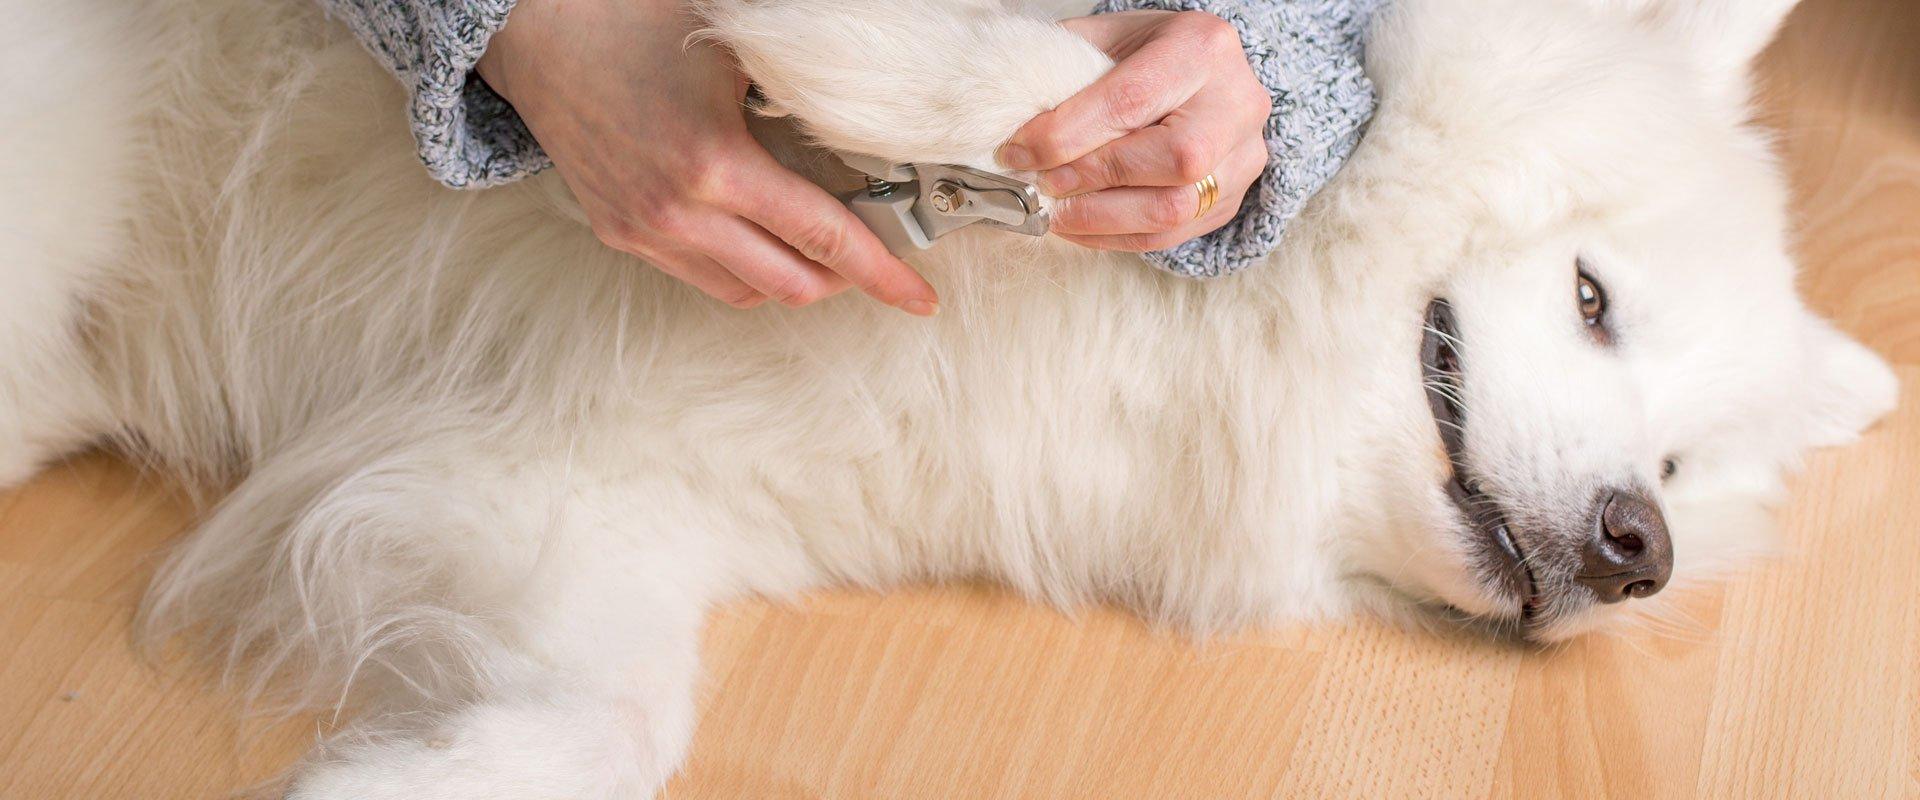 dog nail cutting